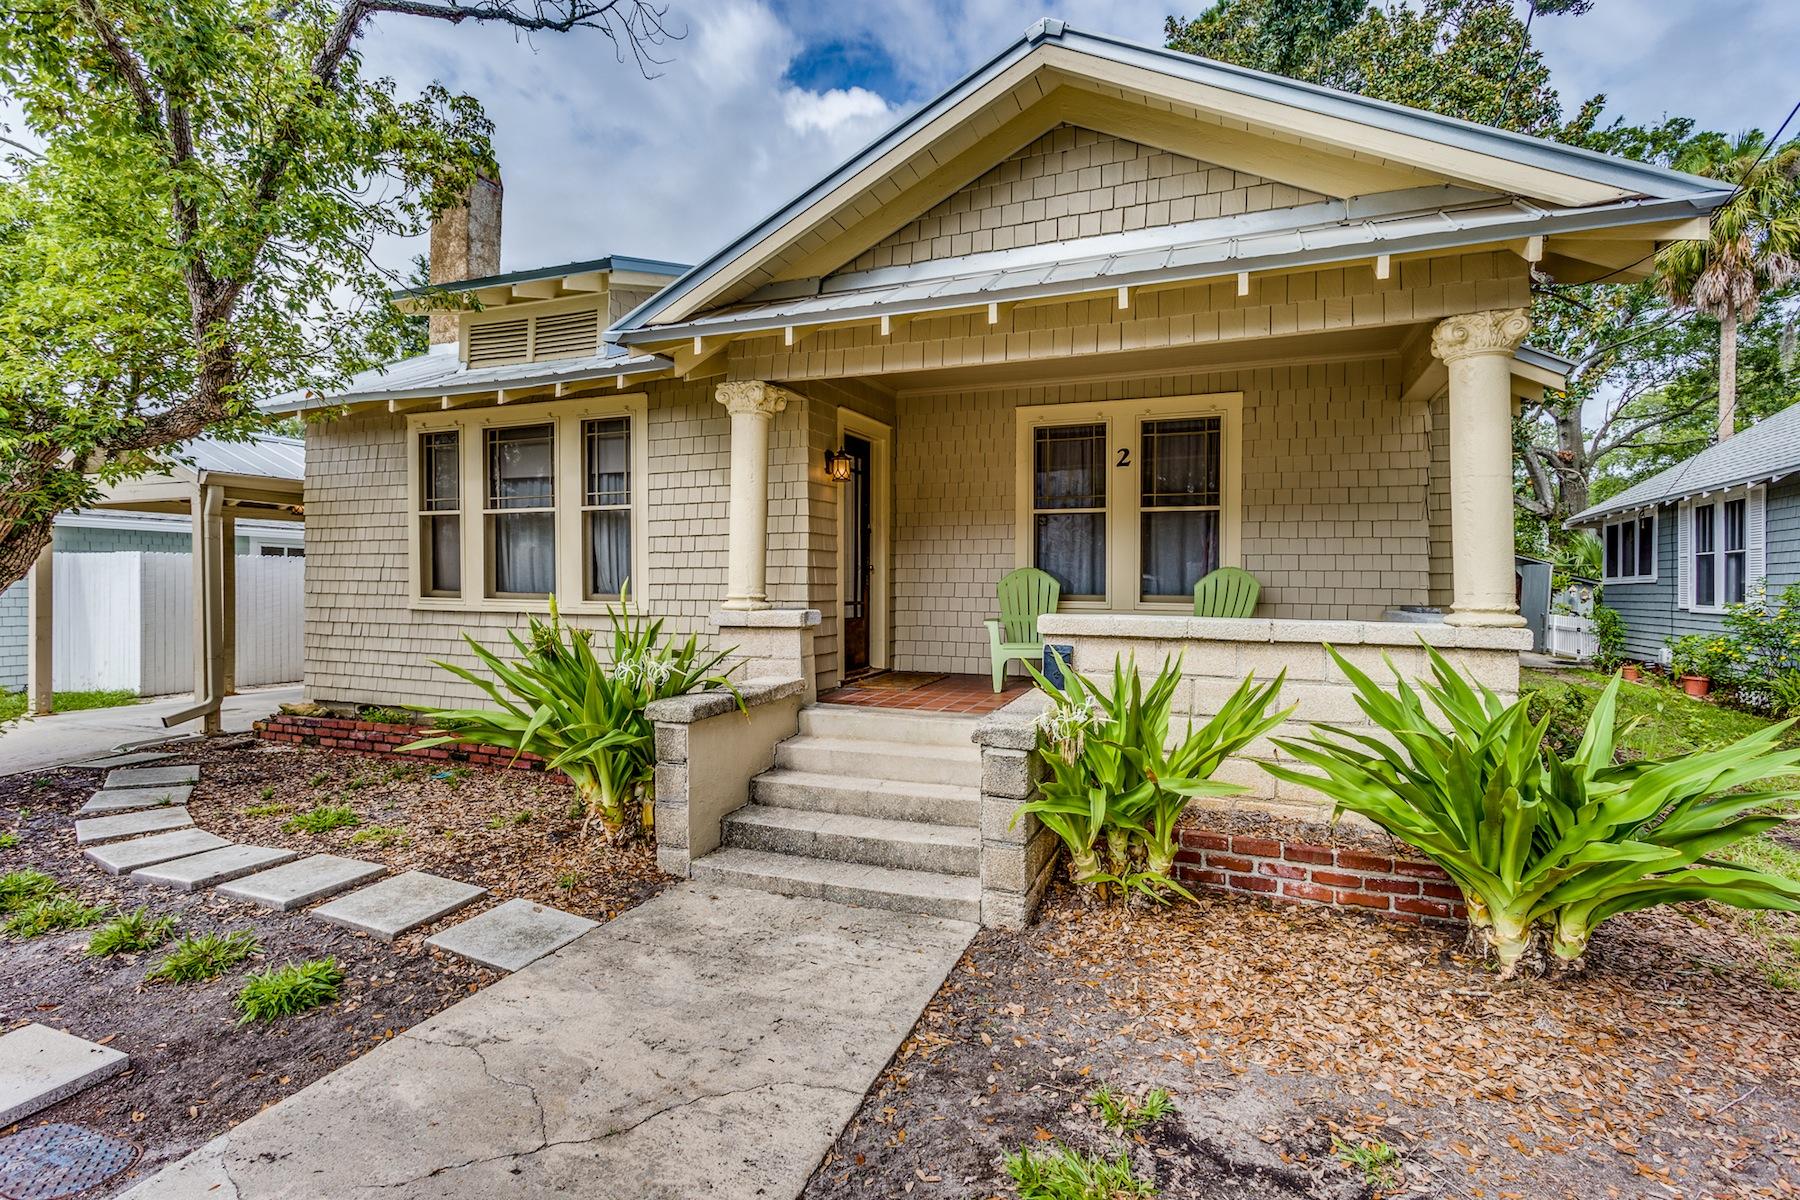 一戸建て のために 売買 アット 2 Fletcher Lane 2 Fletcher Ln St. Augustine, フロリダ, 32084 アメリカ合衆国